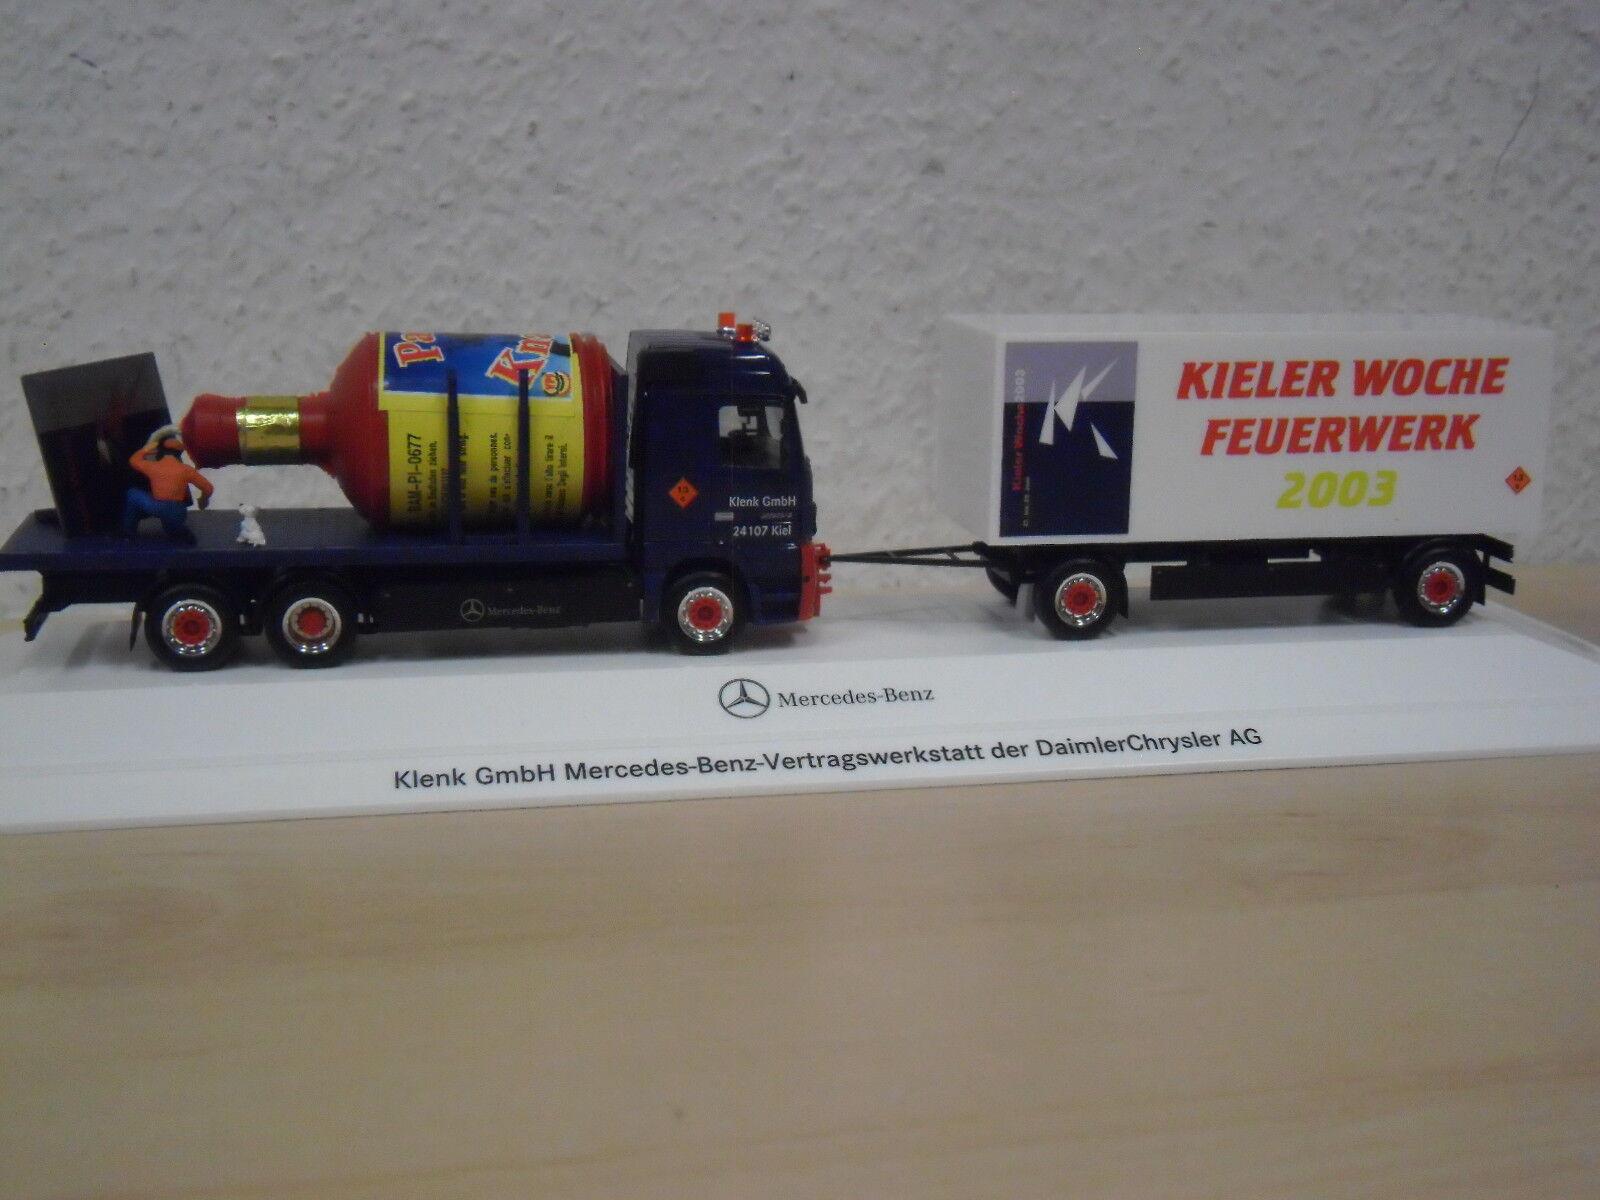 Herpa - MB Actros `02 Hängerzug  Klenk   Kieler Woche 2003  PC-Modell - 1 87  | Schönes Design